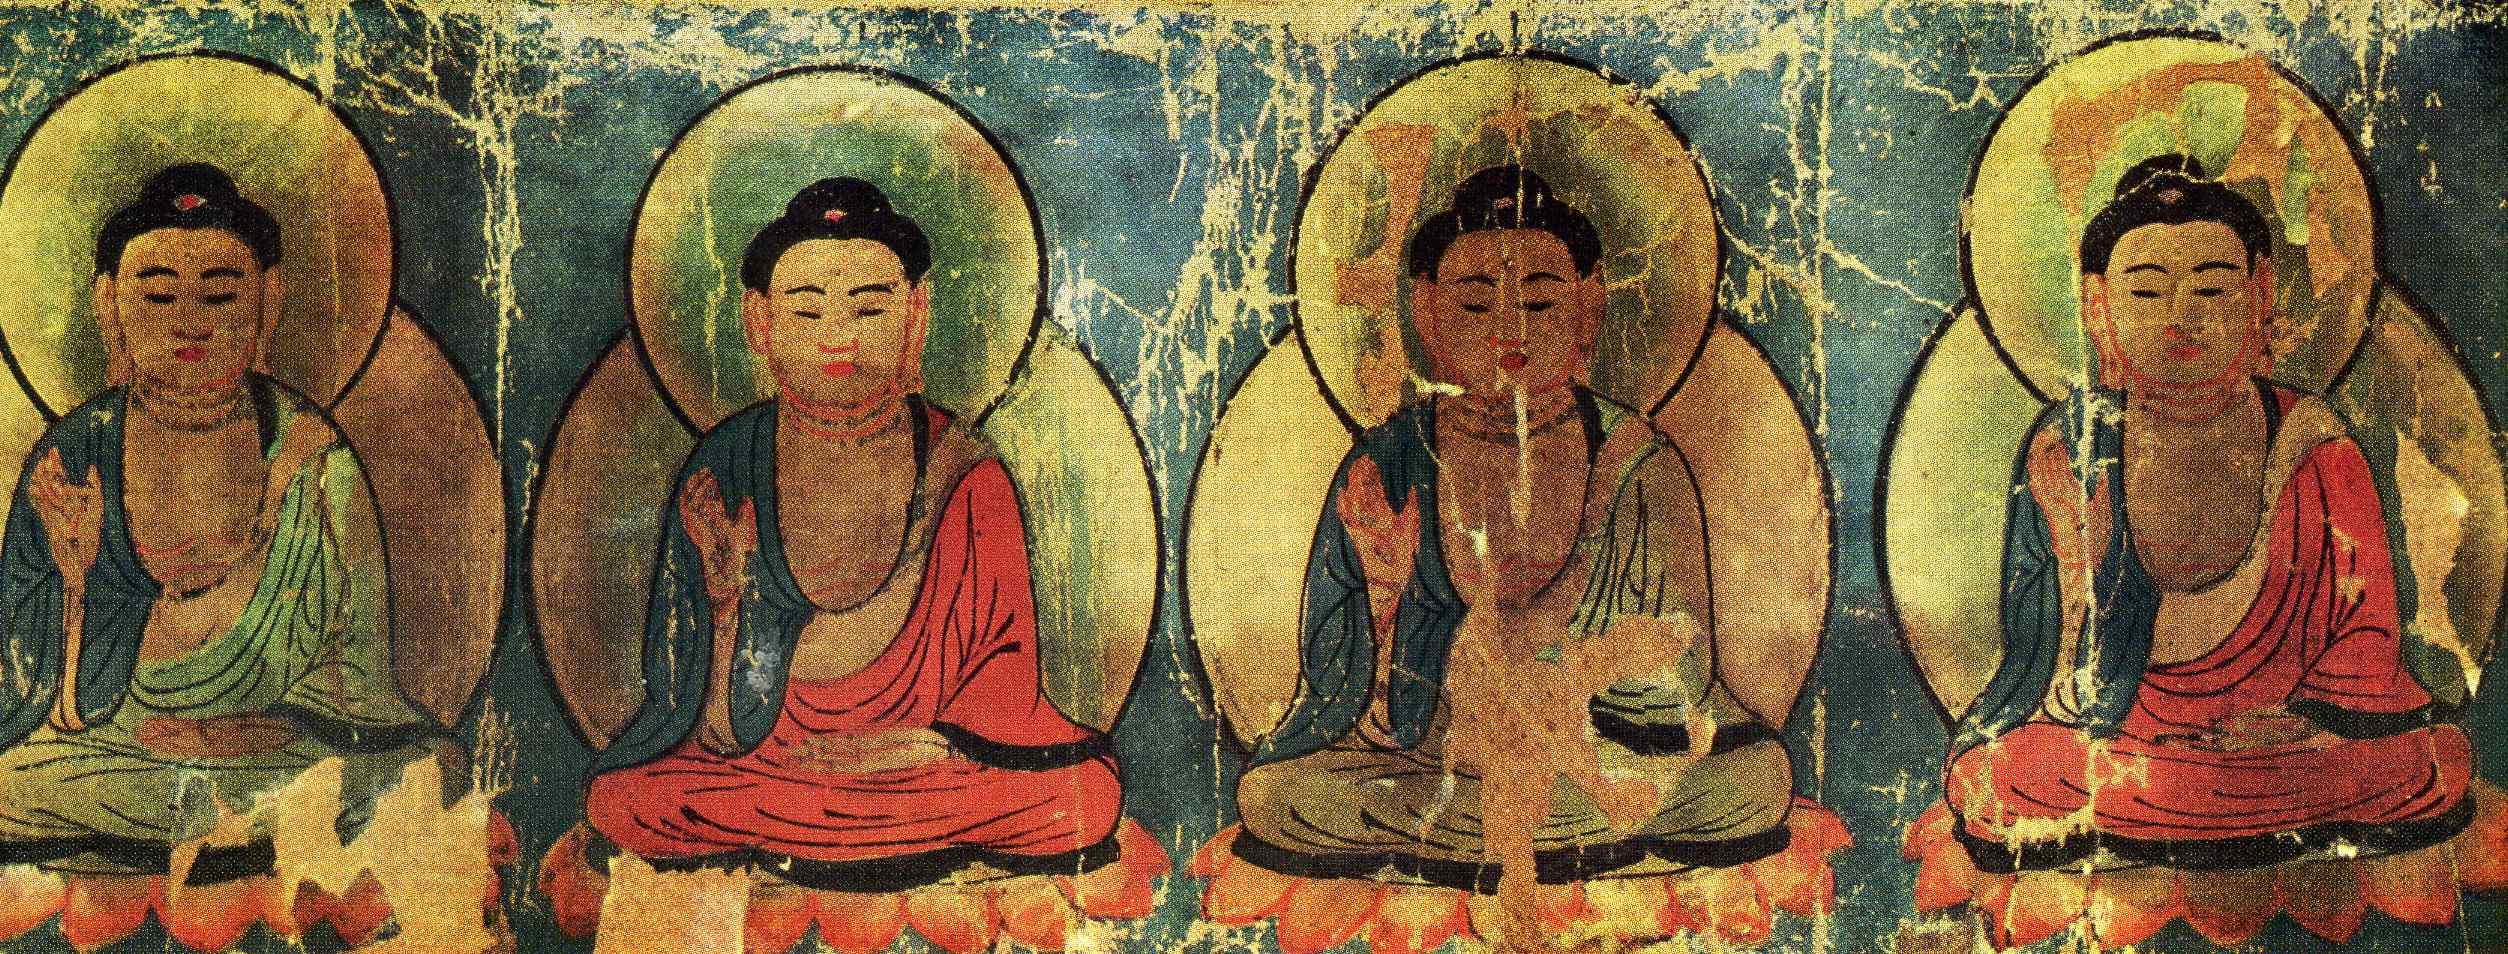 Met aandacht lopen | Toegepast Boeddhisme